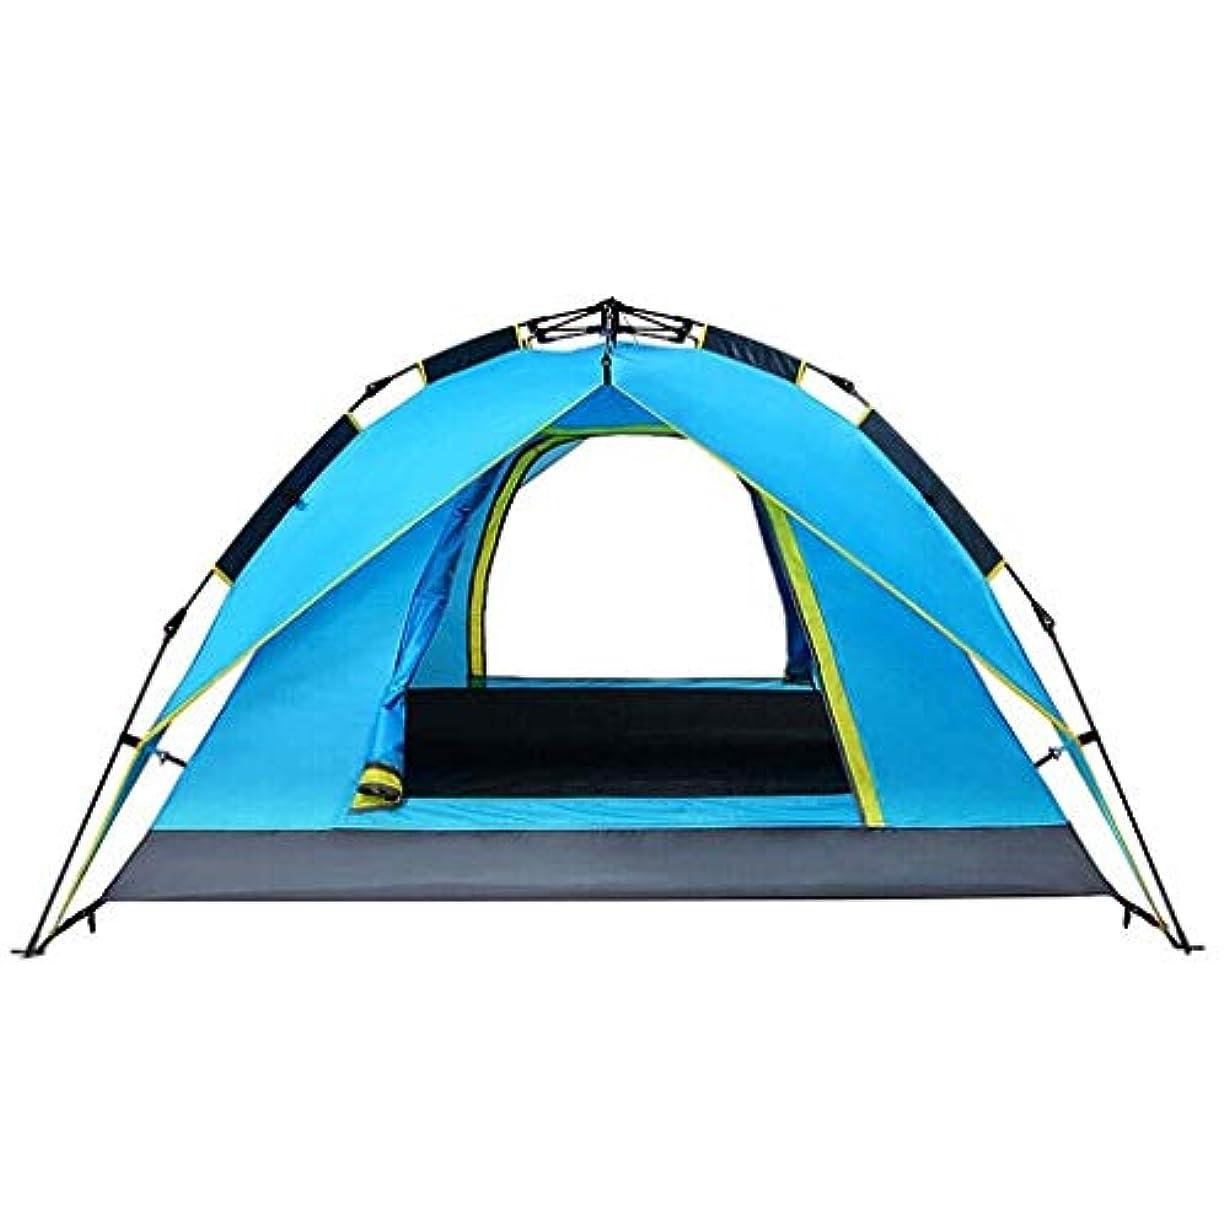 税金エロチック単なる2人用テント、防水ドームキャンプテント